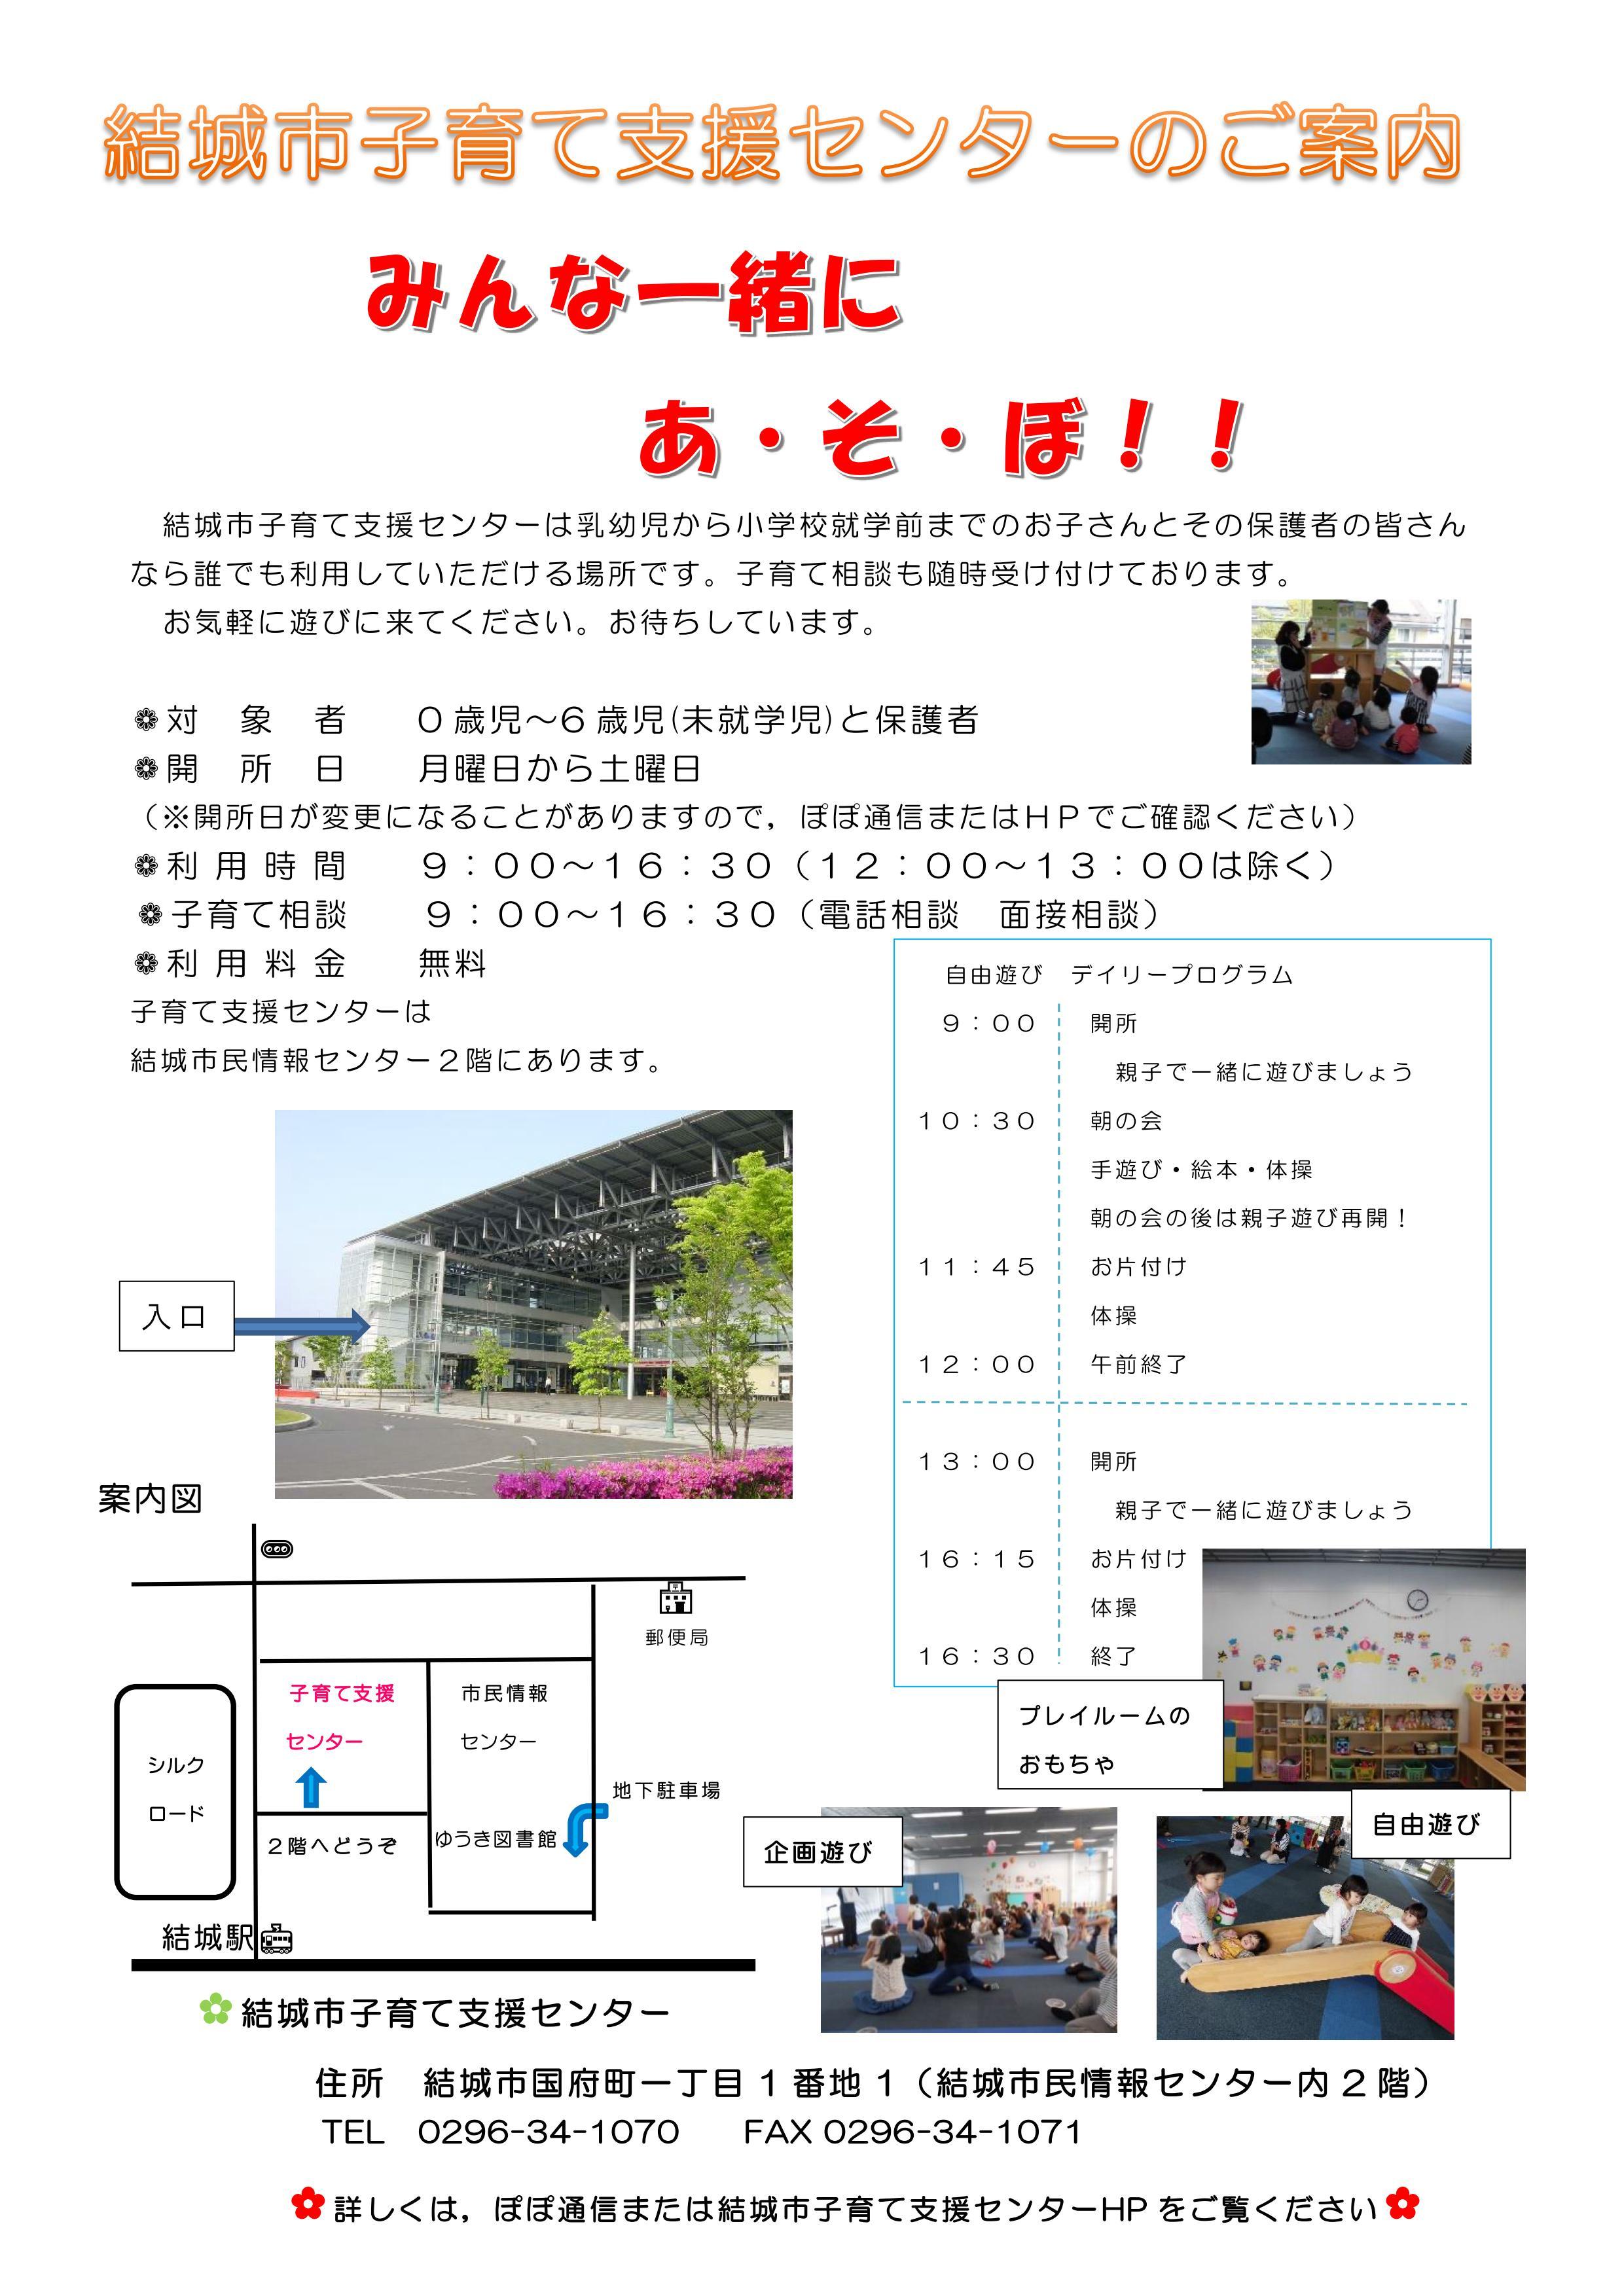 子育て支援センター(2)ー1